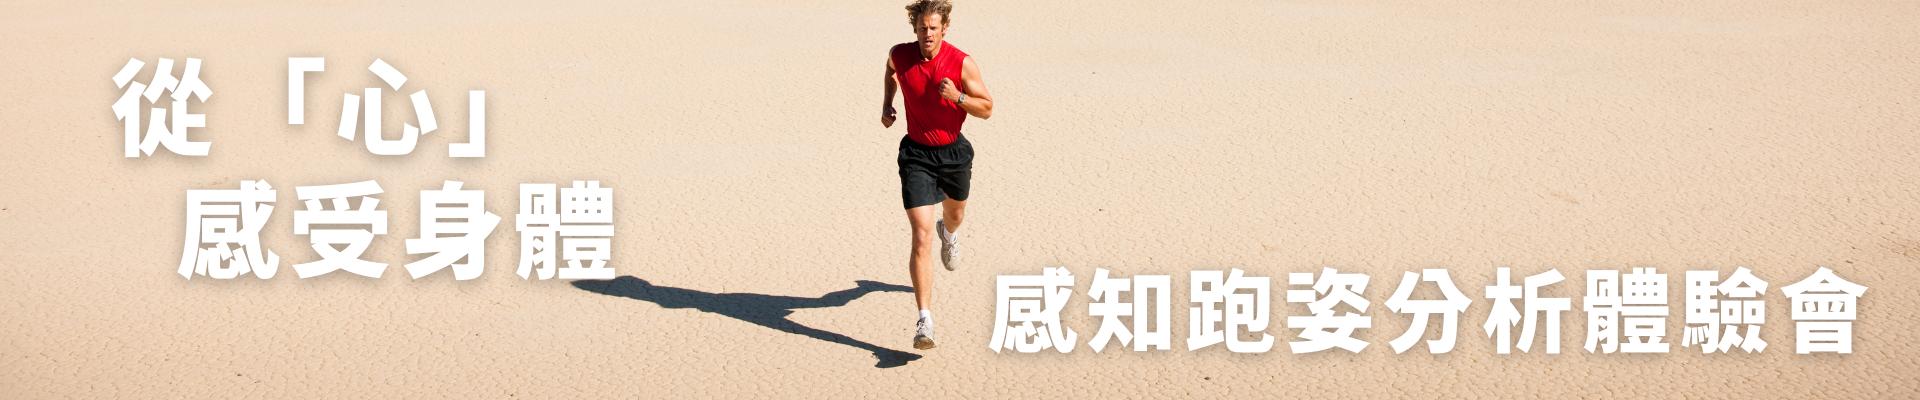 跑步學堂【感知跑姿體驗講座】(贈送跑姿入門診療分析)-主視覺